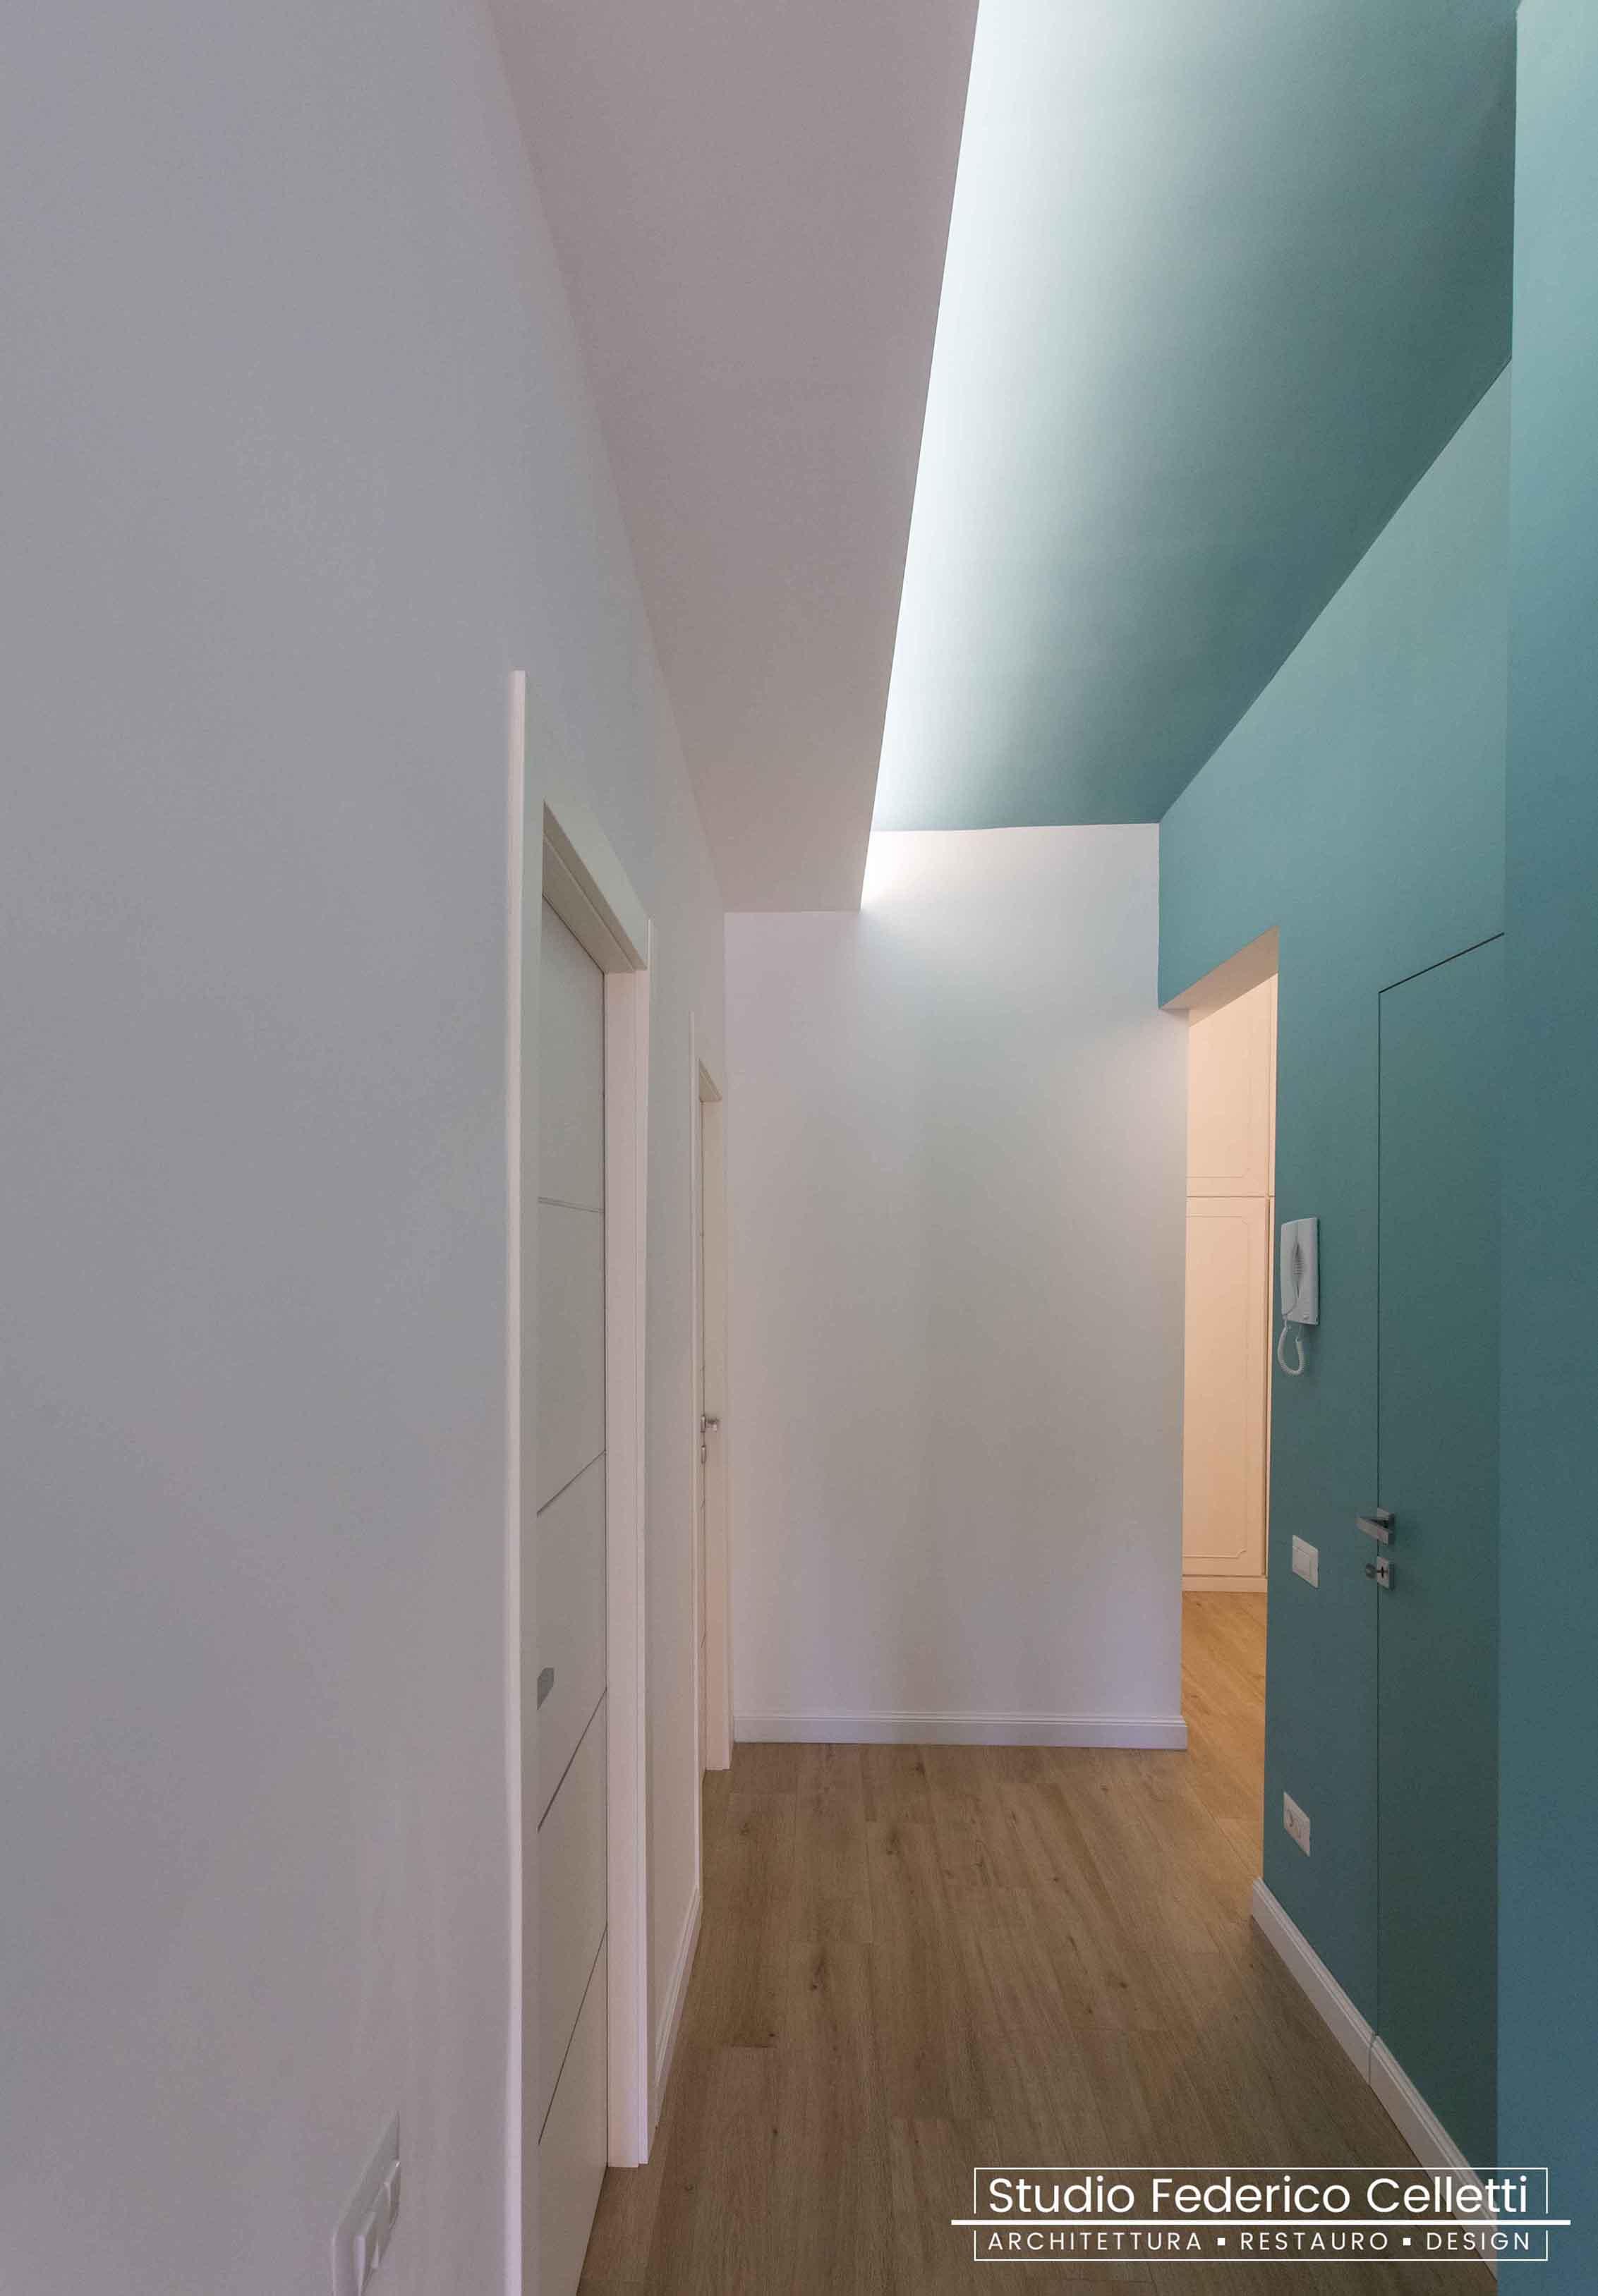 Corridoio Penguin House Dopo i lavori di Restauro e Interior Design